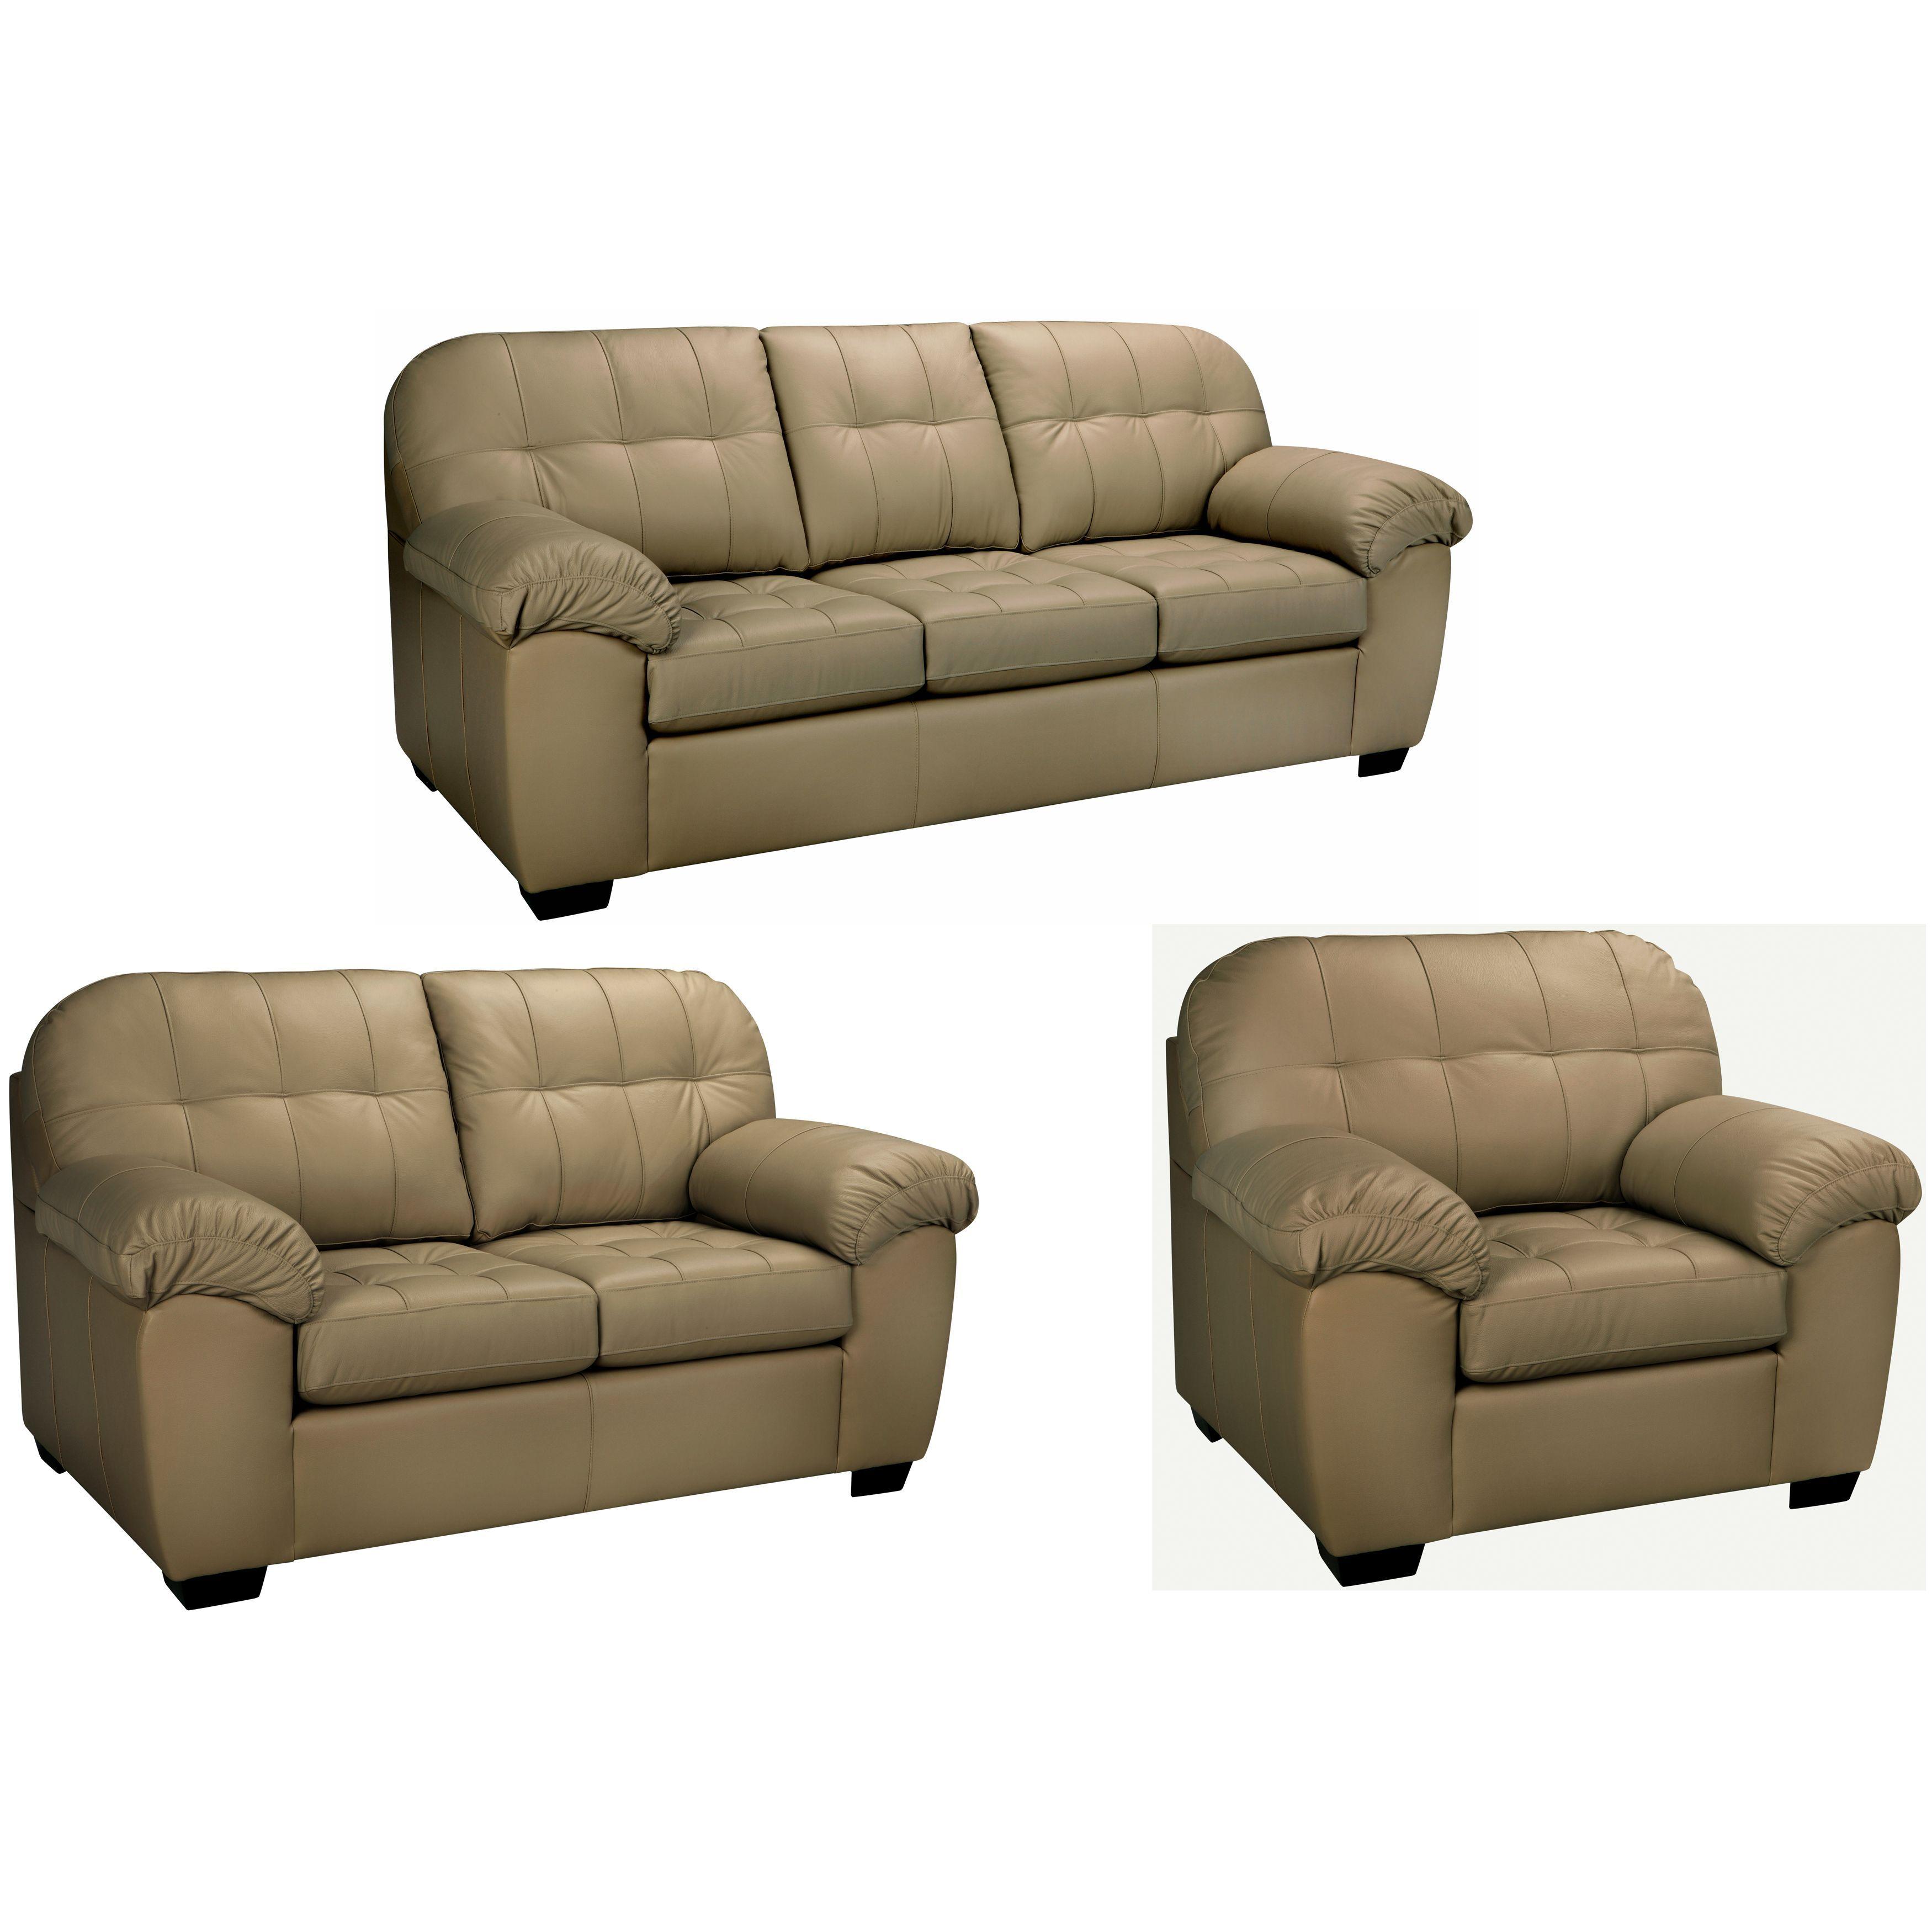 Sophia Taupe Italian Leather Sofa Loveseat And Chair Italian Leather Sofa Love Seat Best Leather Sofa